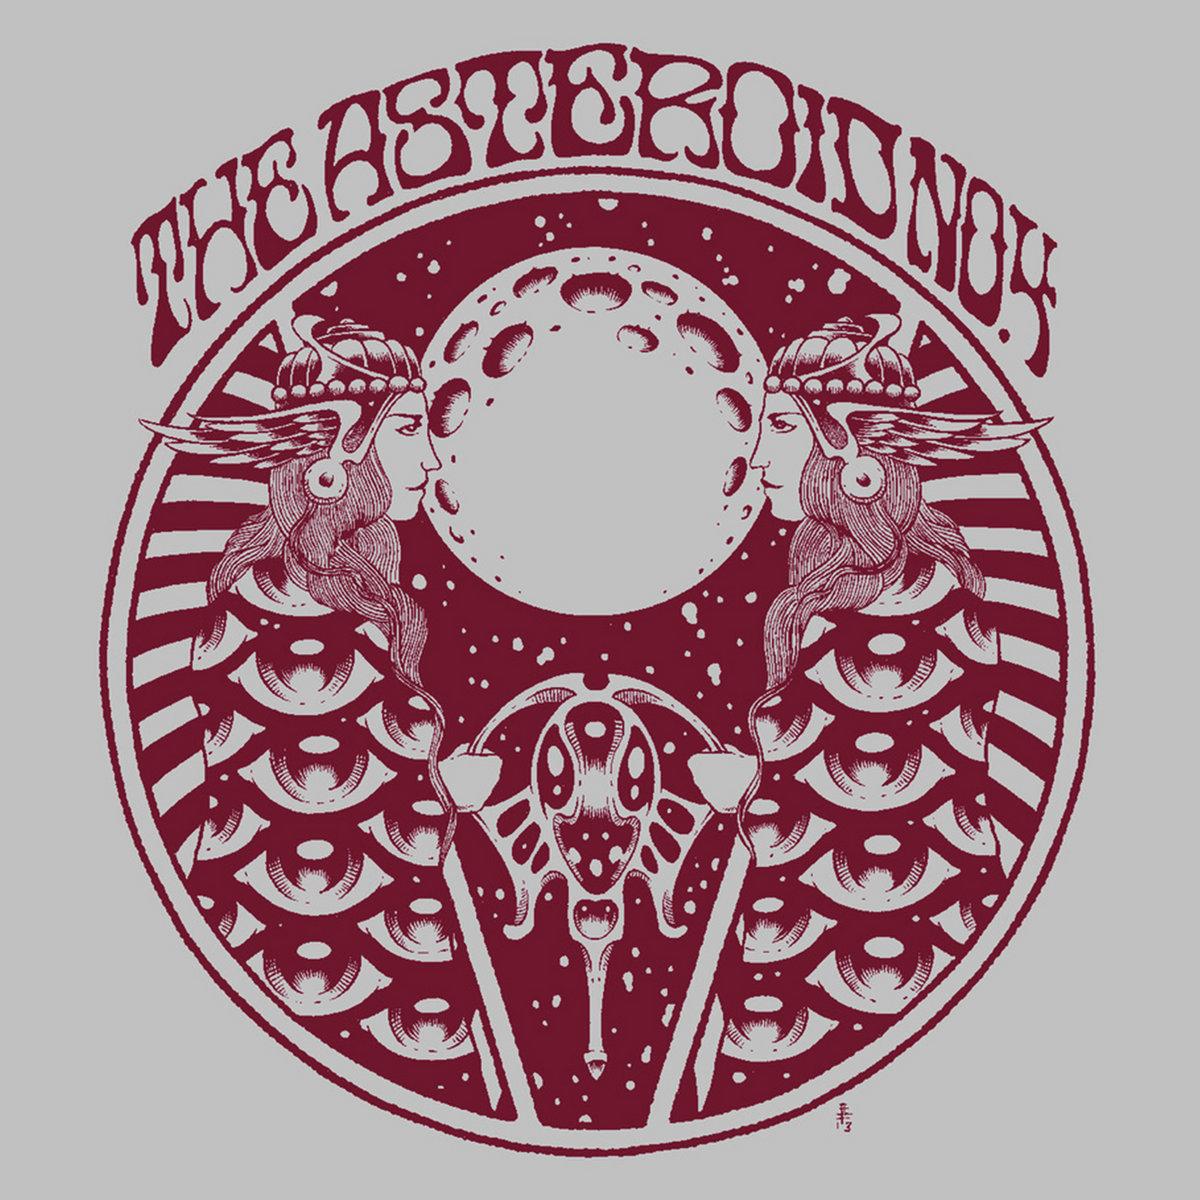 Asteroid No 4 Grey w/ Red Album Art Tshirt, Free Album